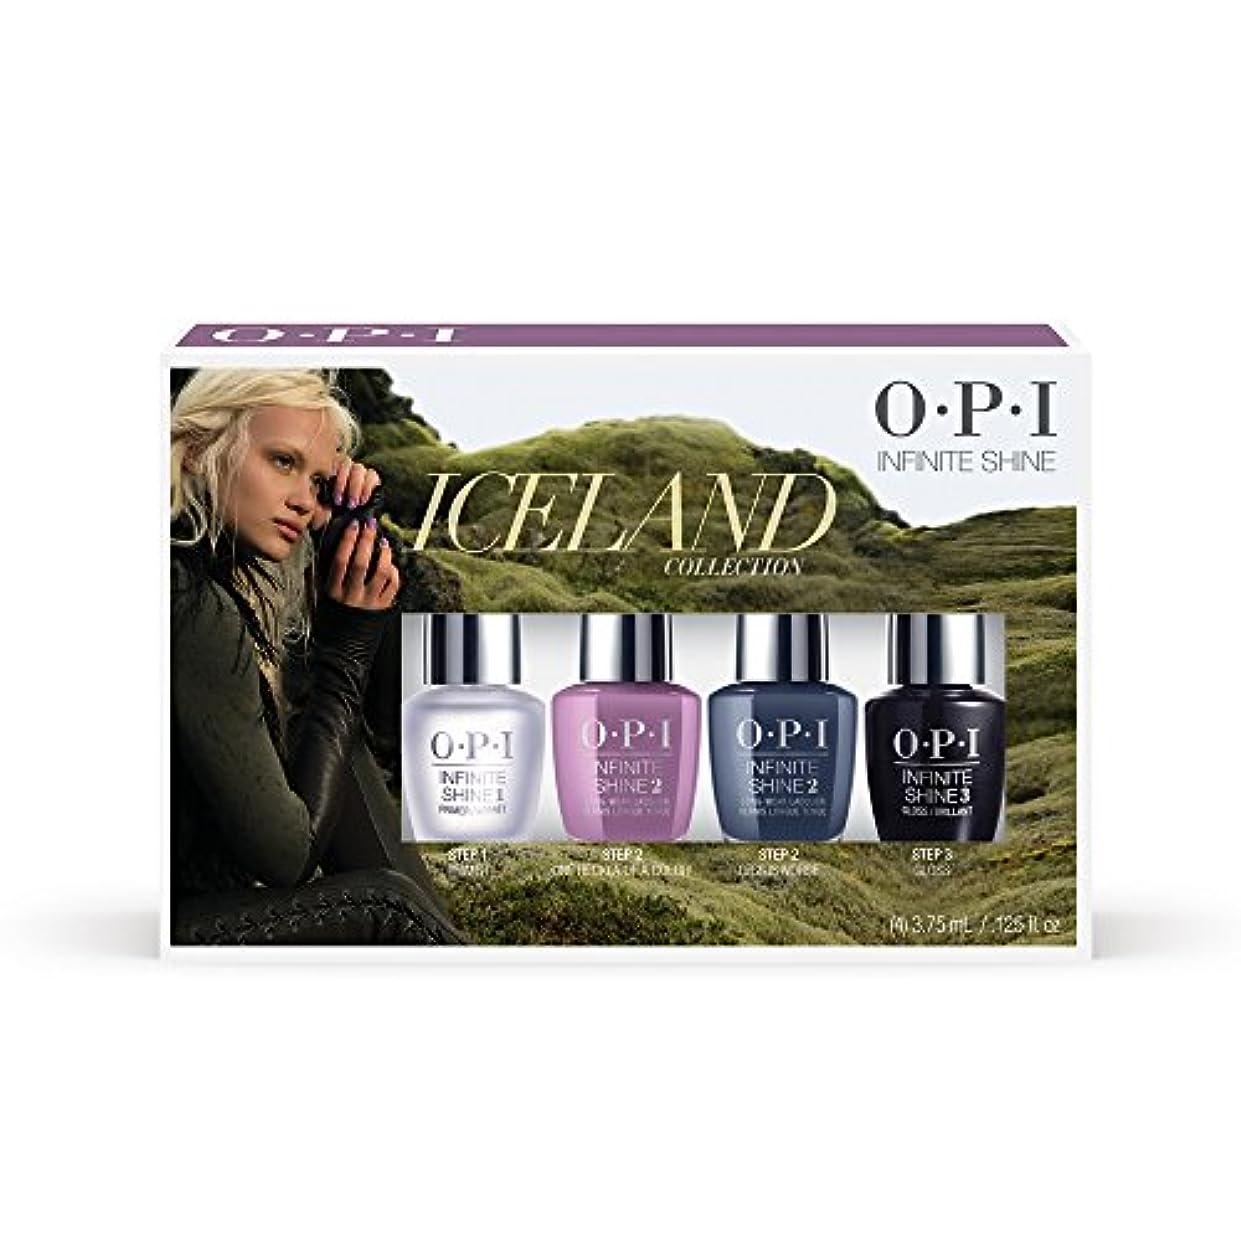 心臓衣服単調なOPI(オーピーアイ) アイスランド コレクション インフィニット シャイン ミニパック